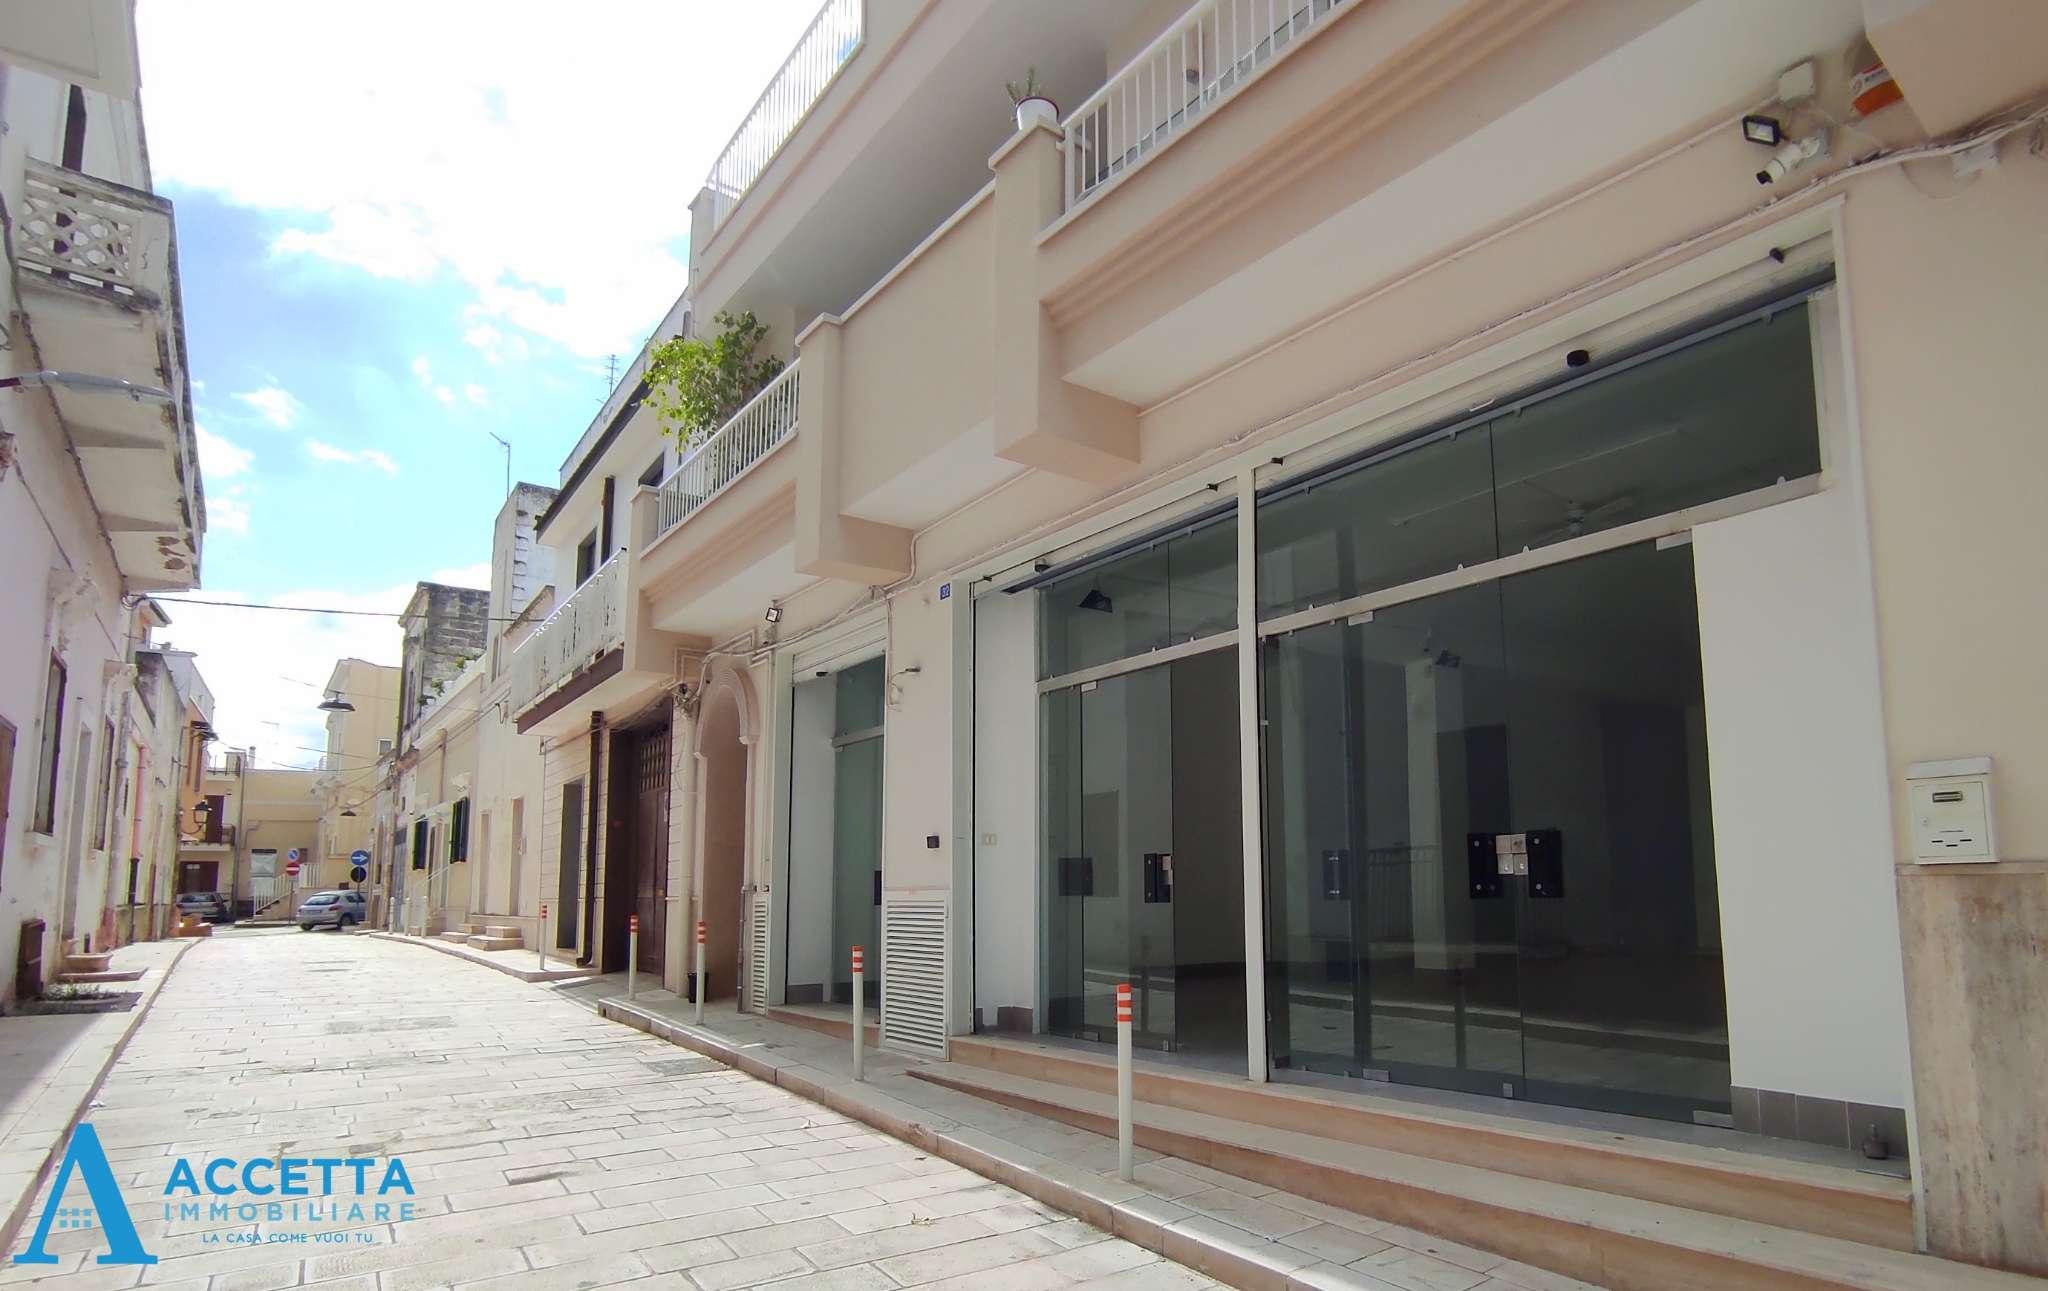 Negozio / Locale in vendita a San Giorgio Ionico, 1 locali, prezzo € 148.000   CambioCasa.it